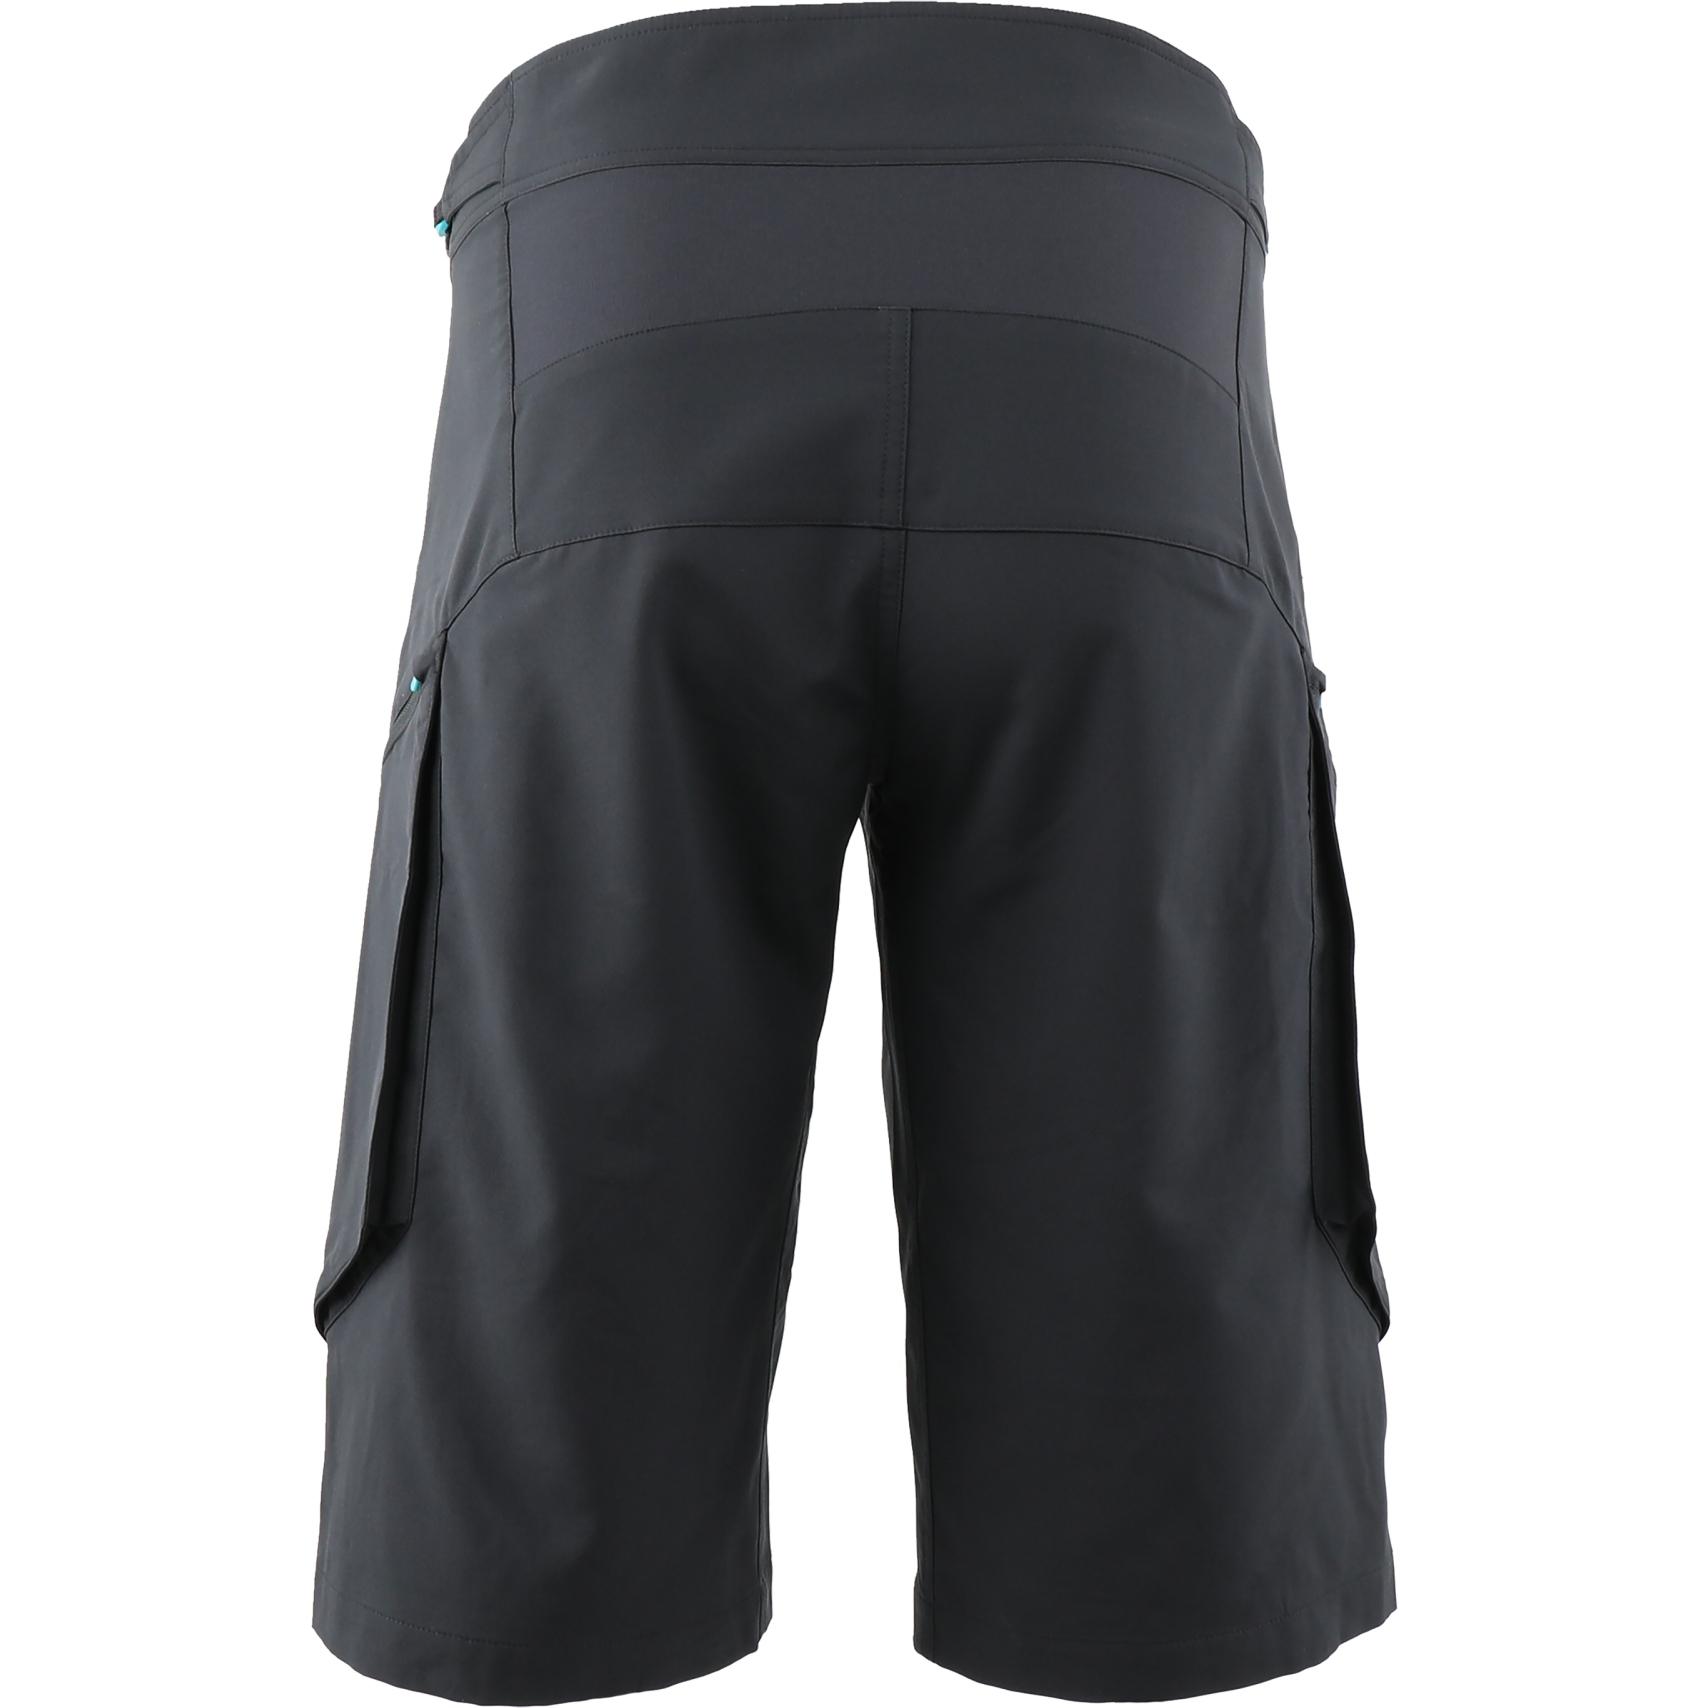 Bild von Yeti Cycles Freeland 2.0 Shorts - Black